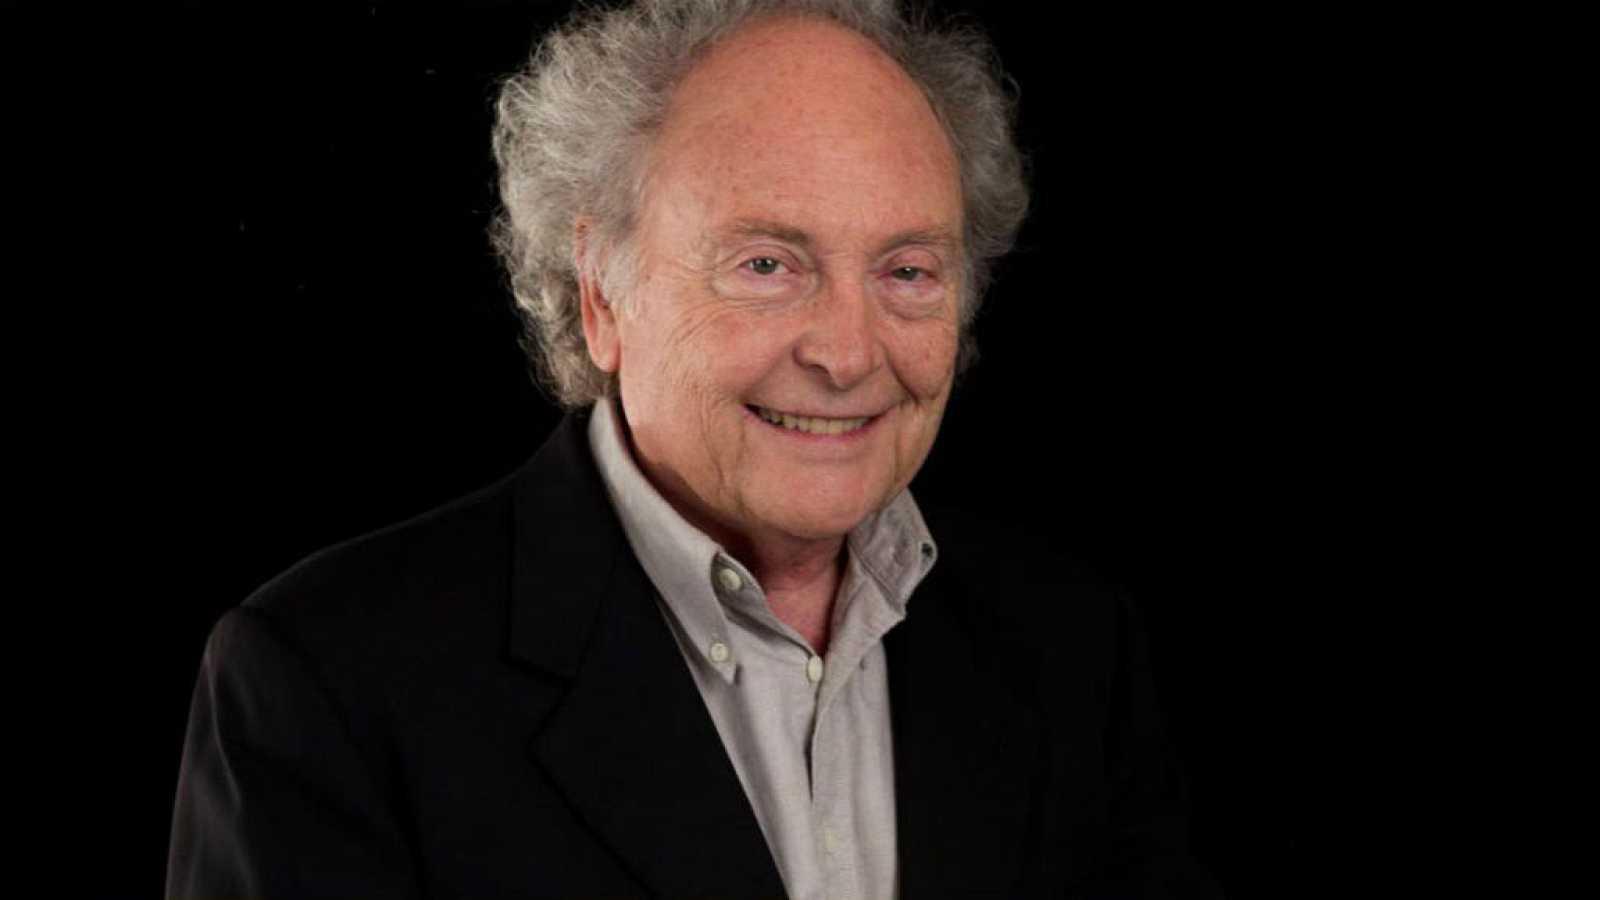 Boletines RNE - Fallece Eduard Punset tras una larga enfermedad - Escuchar ahora